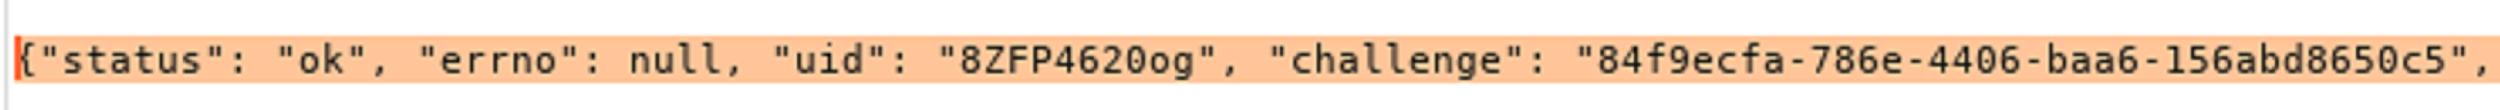 図5: チャレンジのクリアテキスト送信